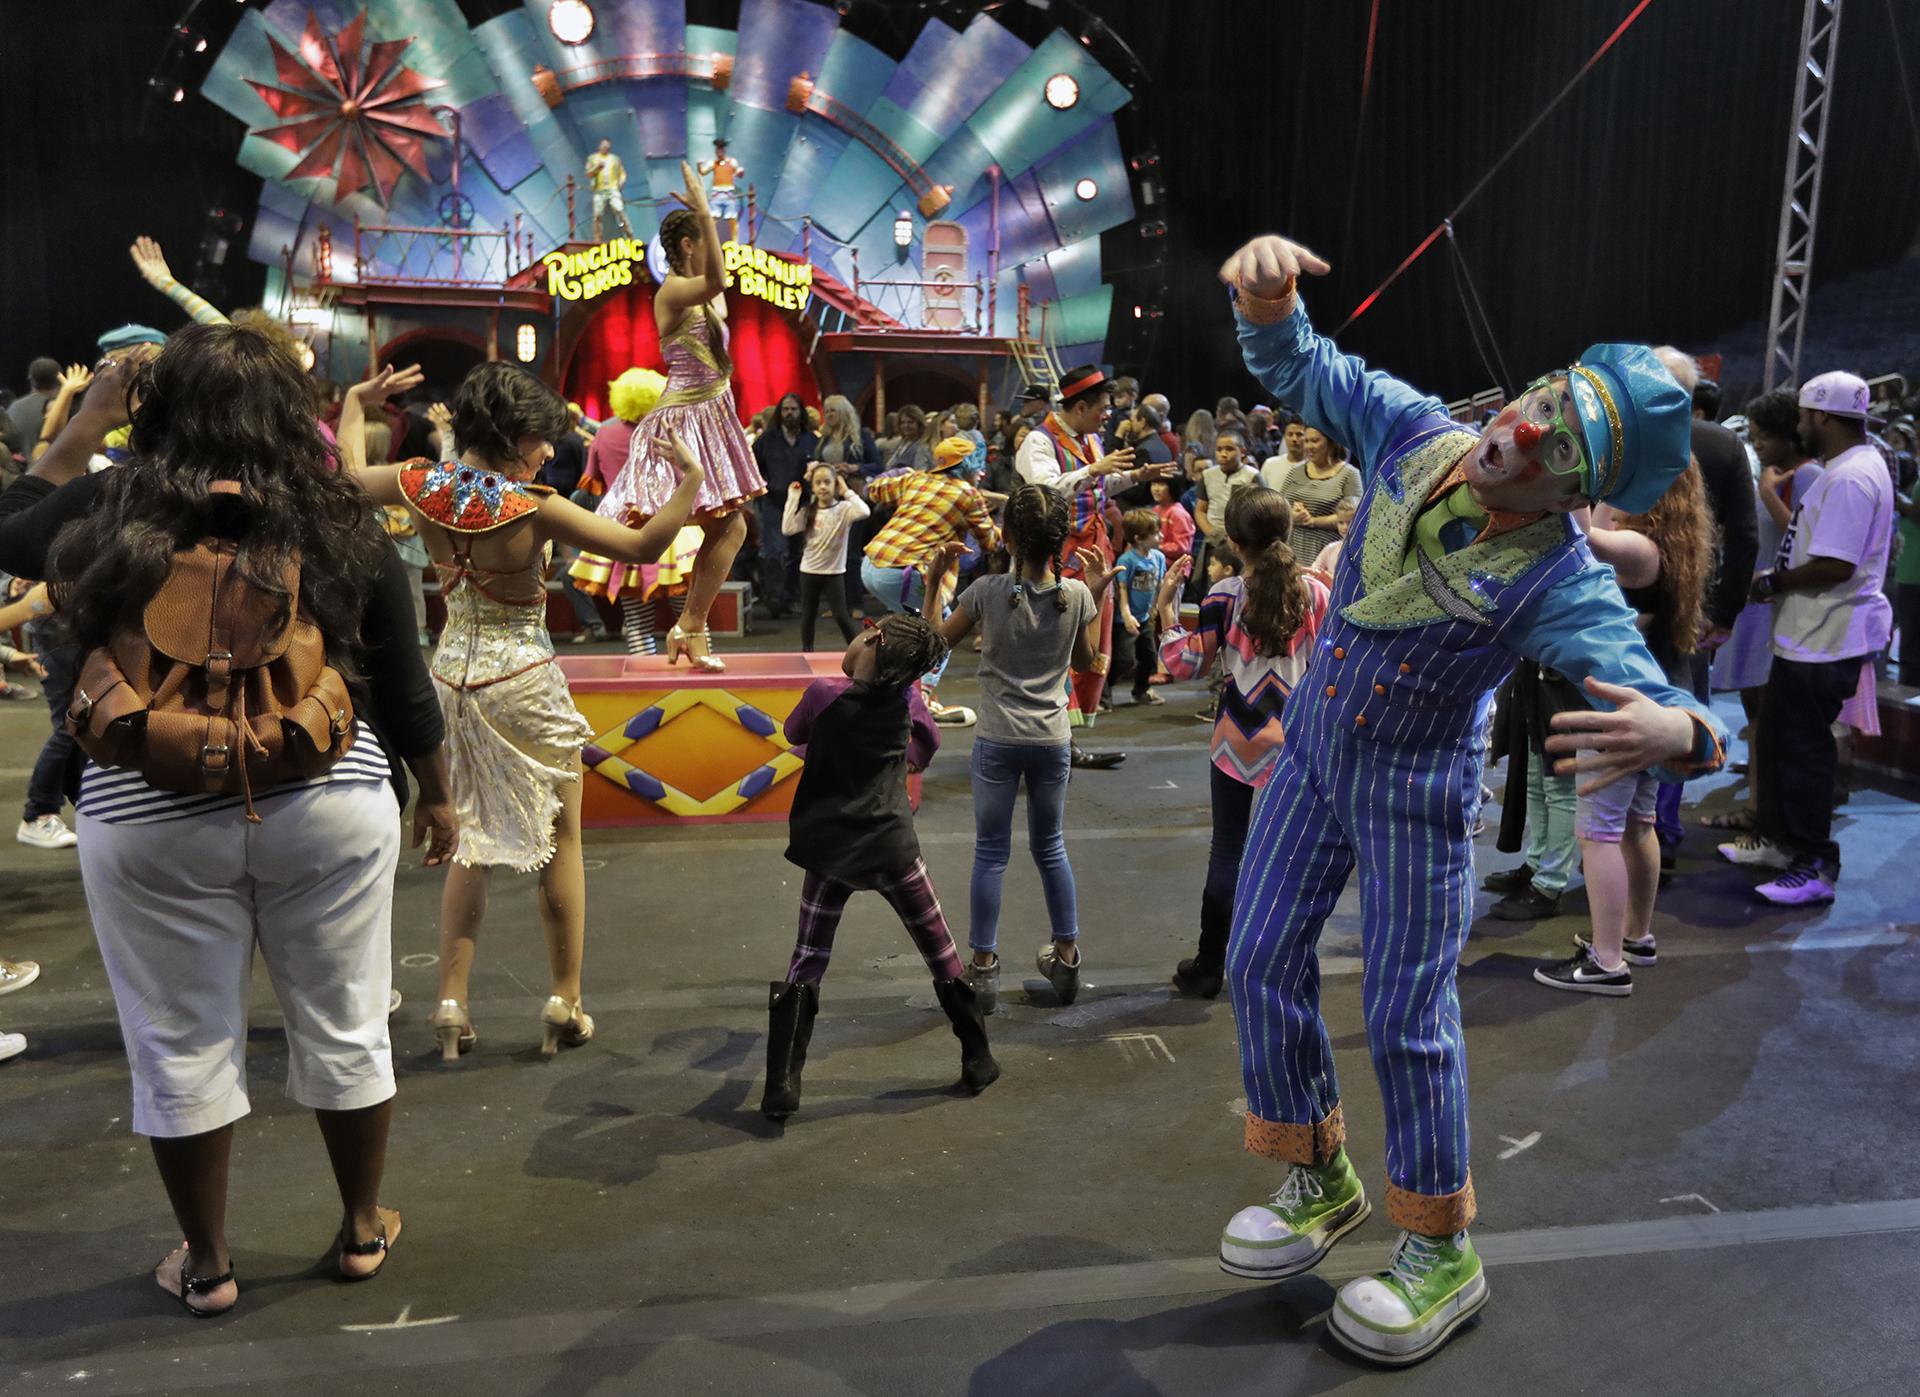 El famoso circo estadounidense cerrará después de 146 años(AP)